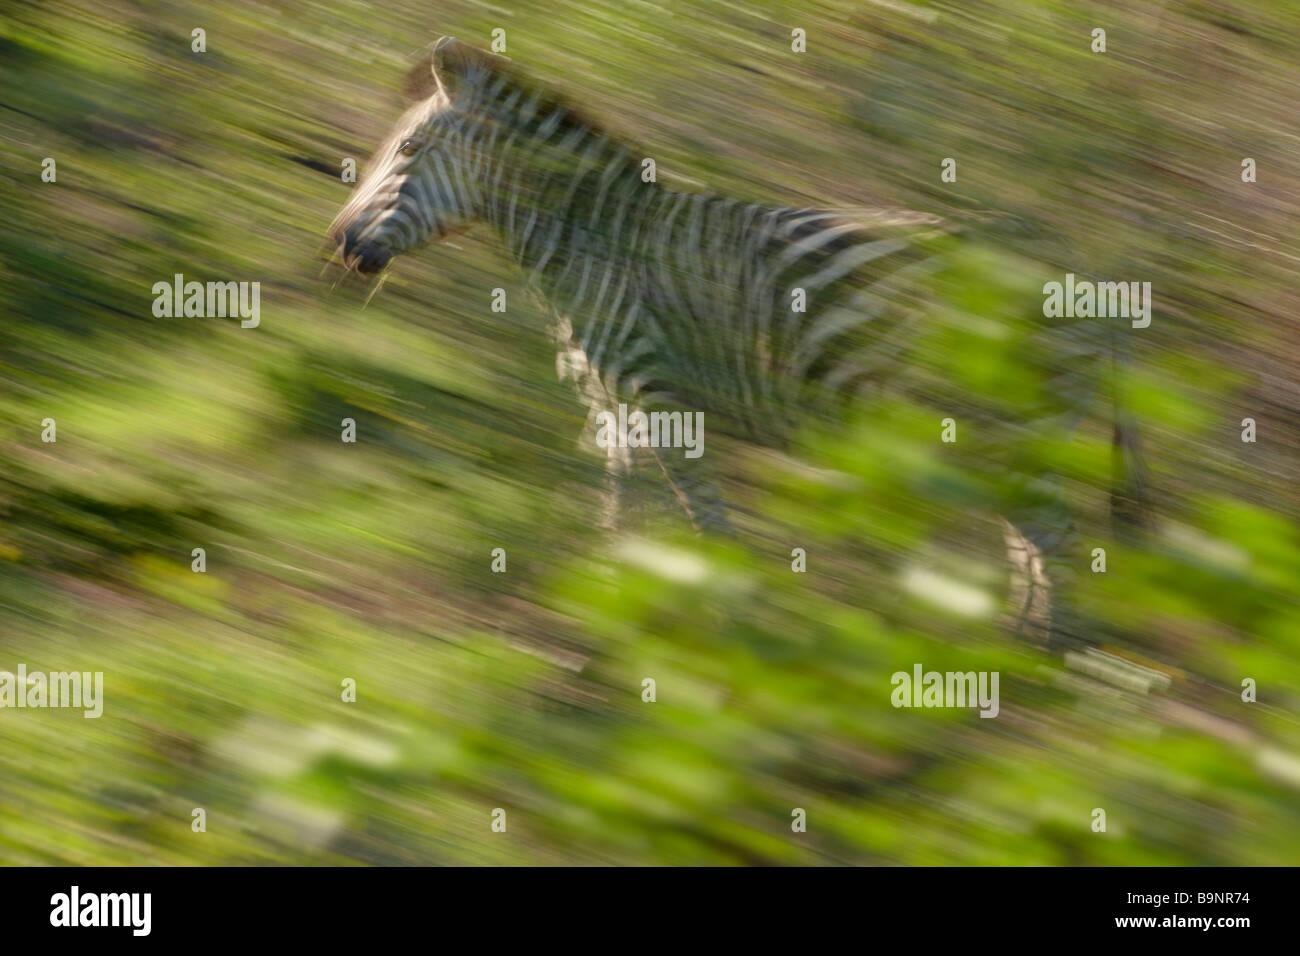 Cebra Burchells solitario sobre el movimiento, el Parque Nacional Kruger, Sudáfrica Imagen De Stock